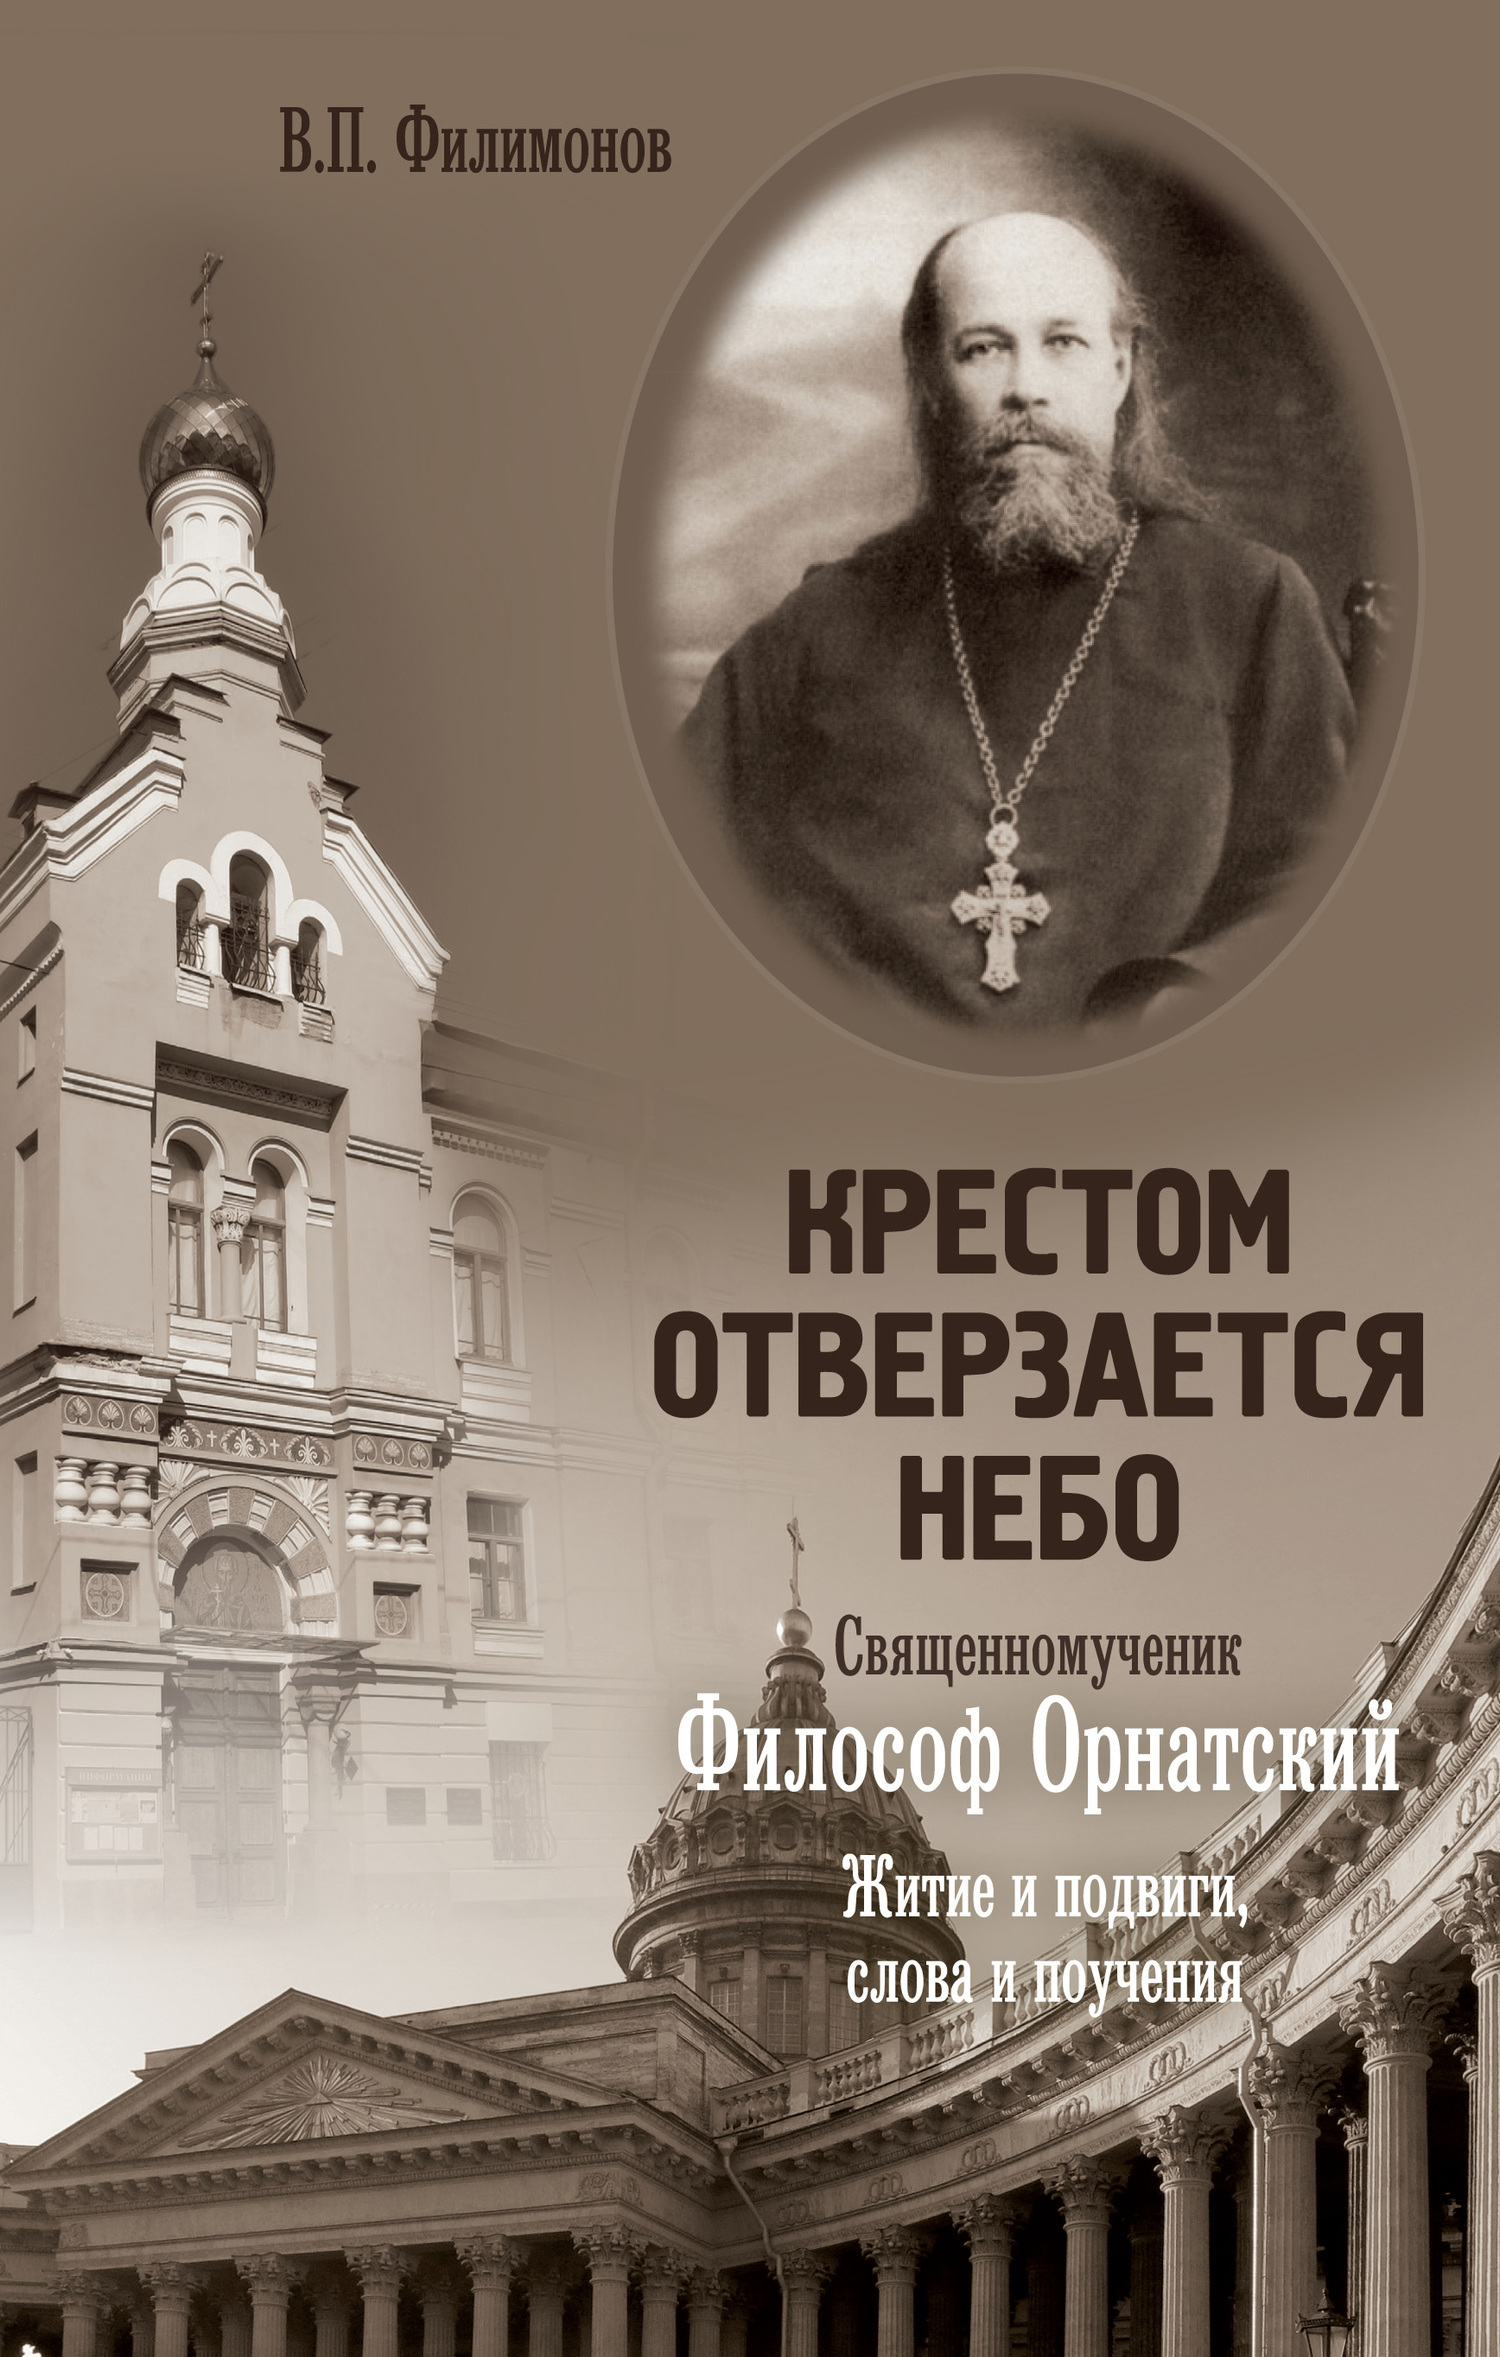 Валерий Филимонов. Крестом отверзается небо. Священномученик Философ Орнатский. Житие и подвиги, слова и поучения